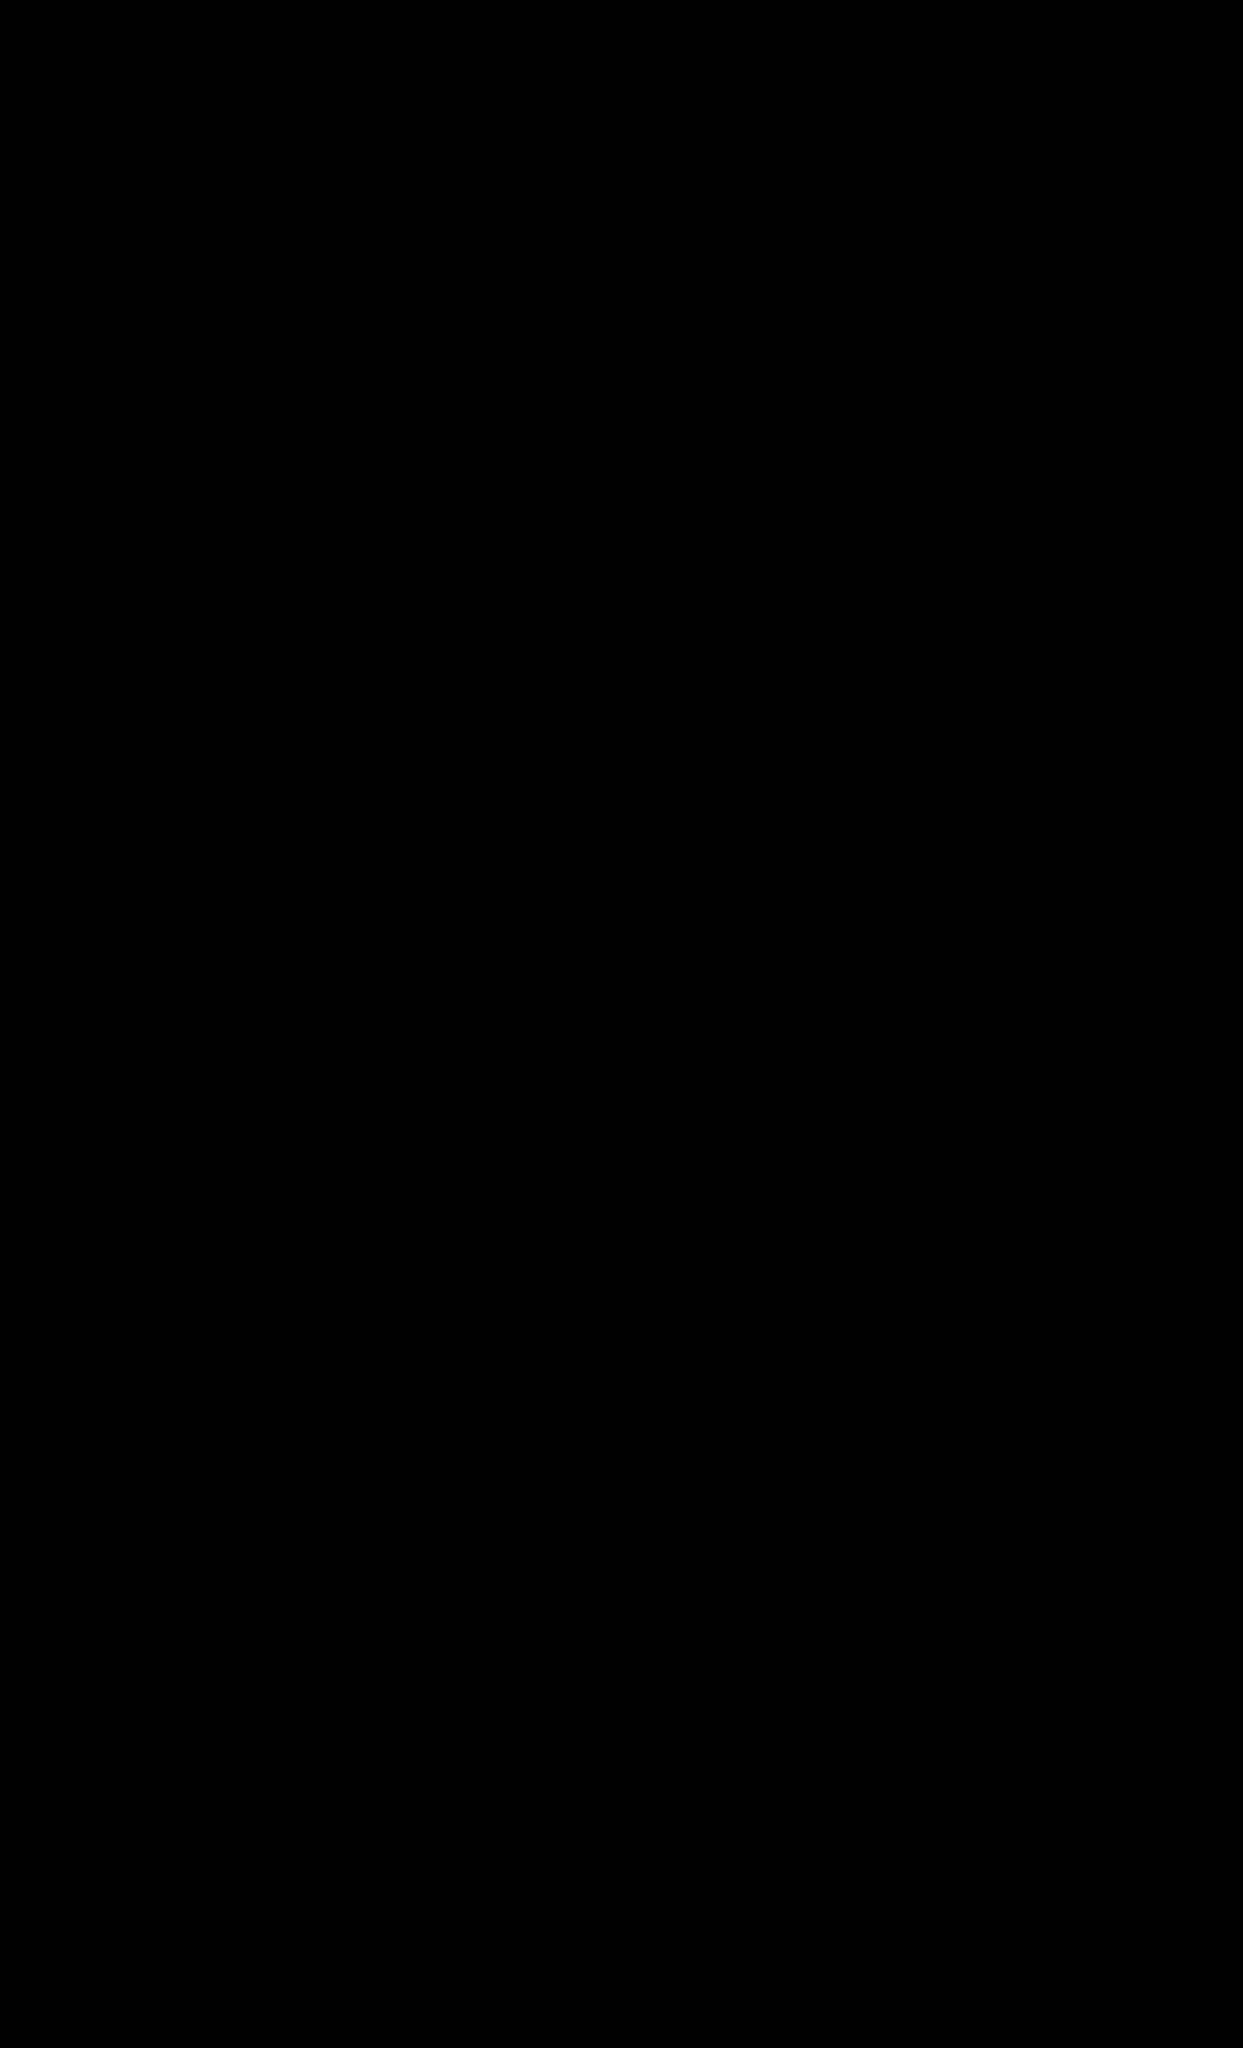 POLGARA – ORIGINAL PENCIL SKETCH